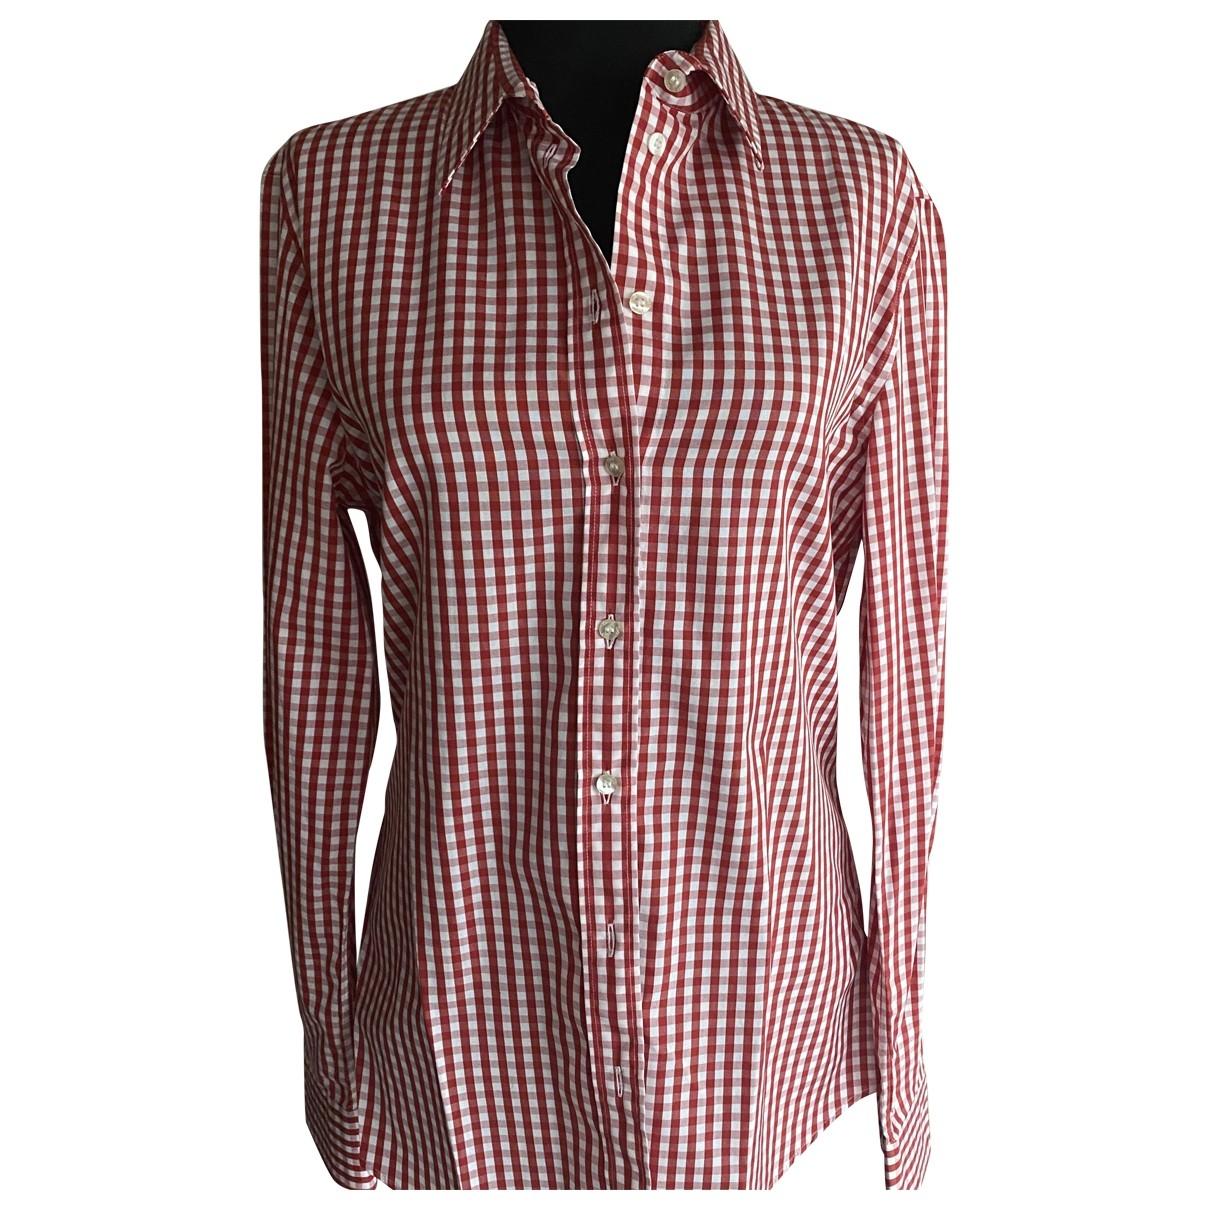 D&g - Top   pour femme en coton - rouge